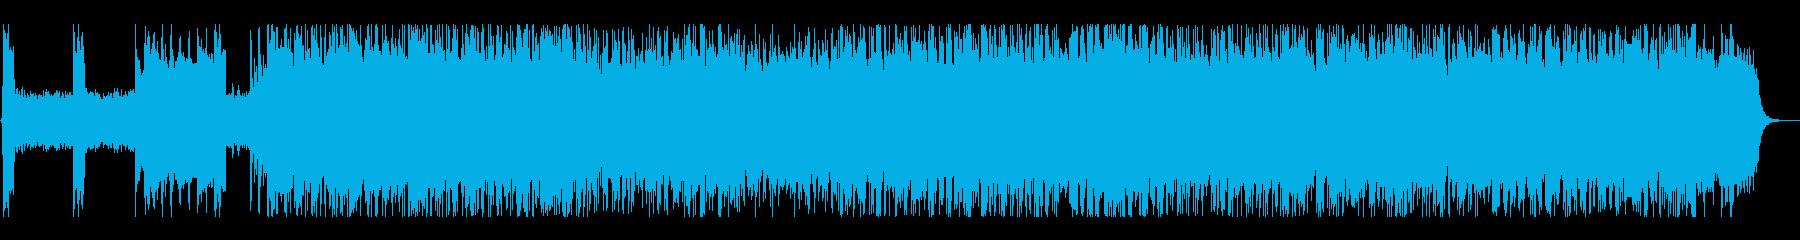 激情的なパンクサウンド#01の再生済みの波形